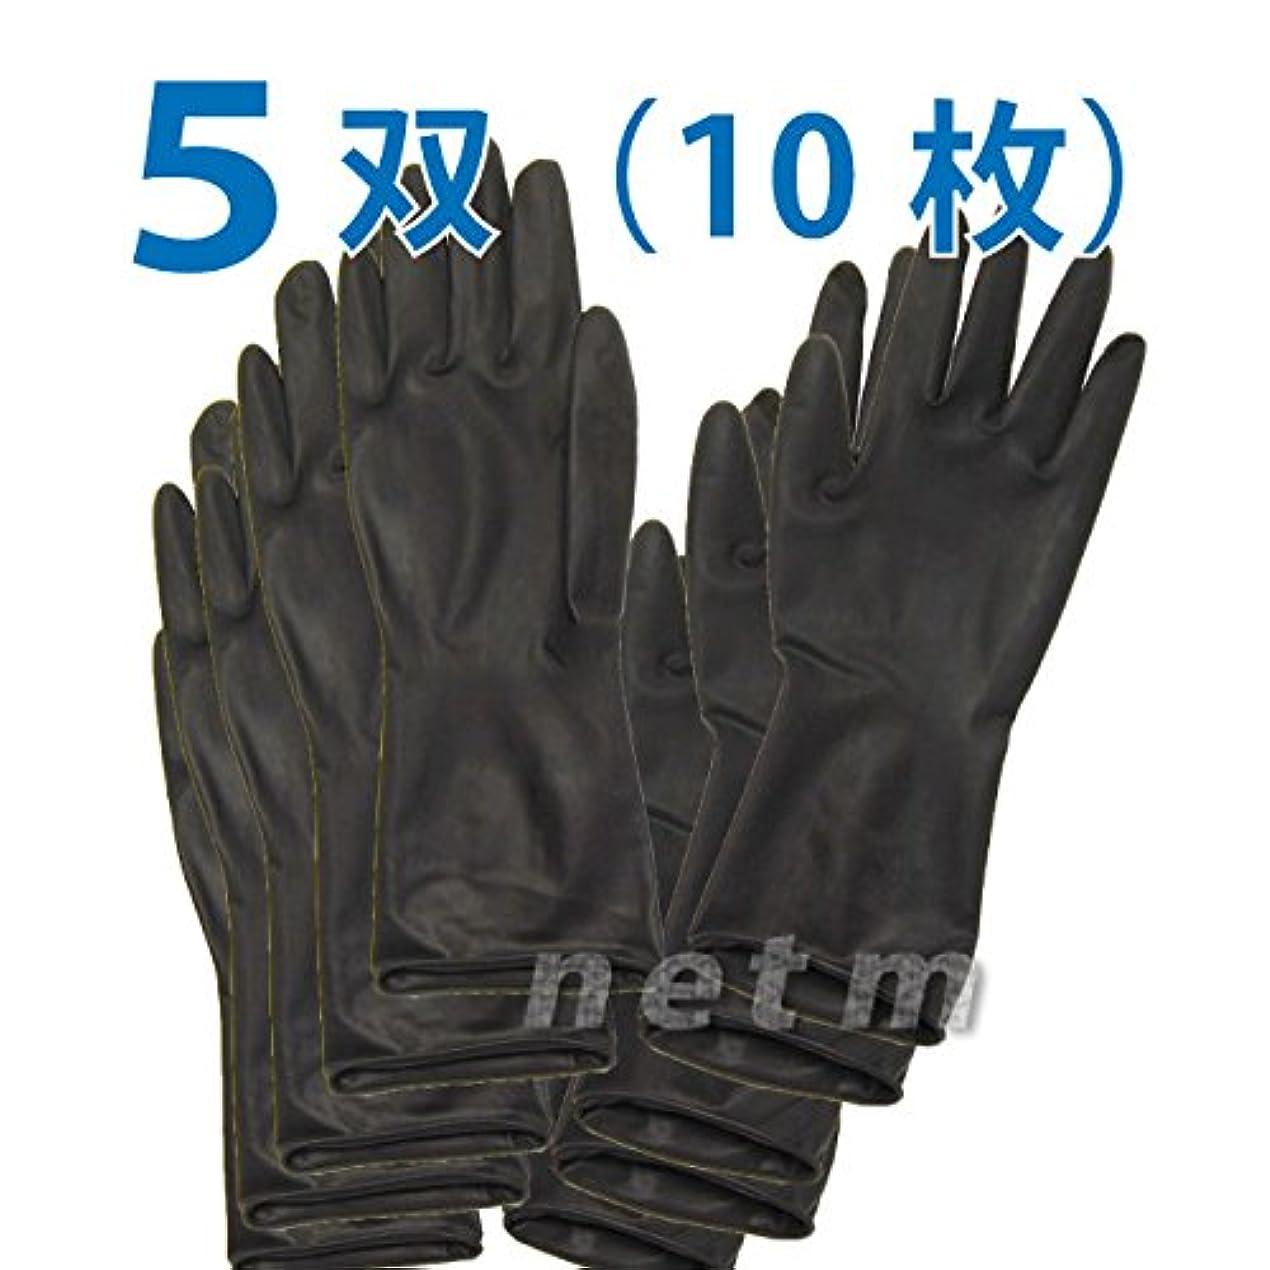 値下げ仕事に行く限りオカモト ブラックグローブ ロングタイプ SSサイズ  5双(10枚)